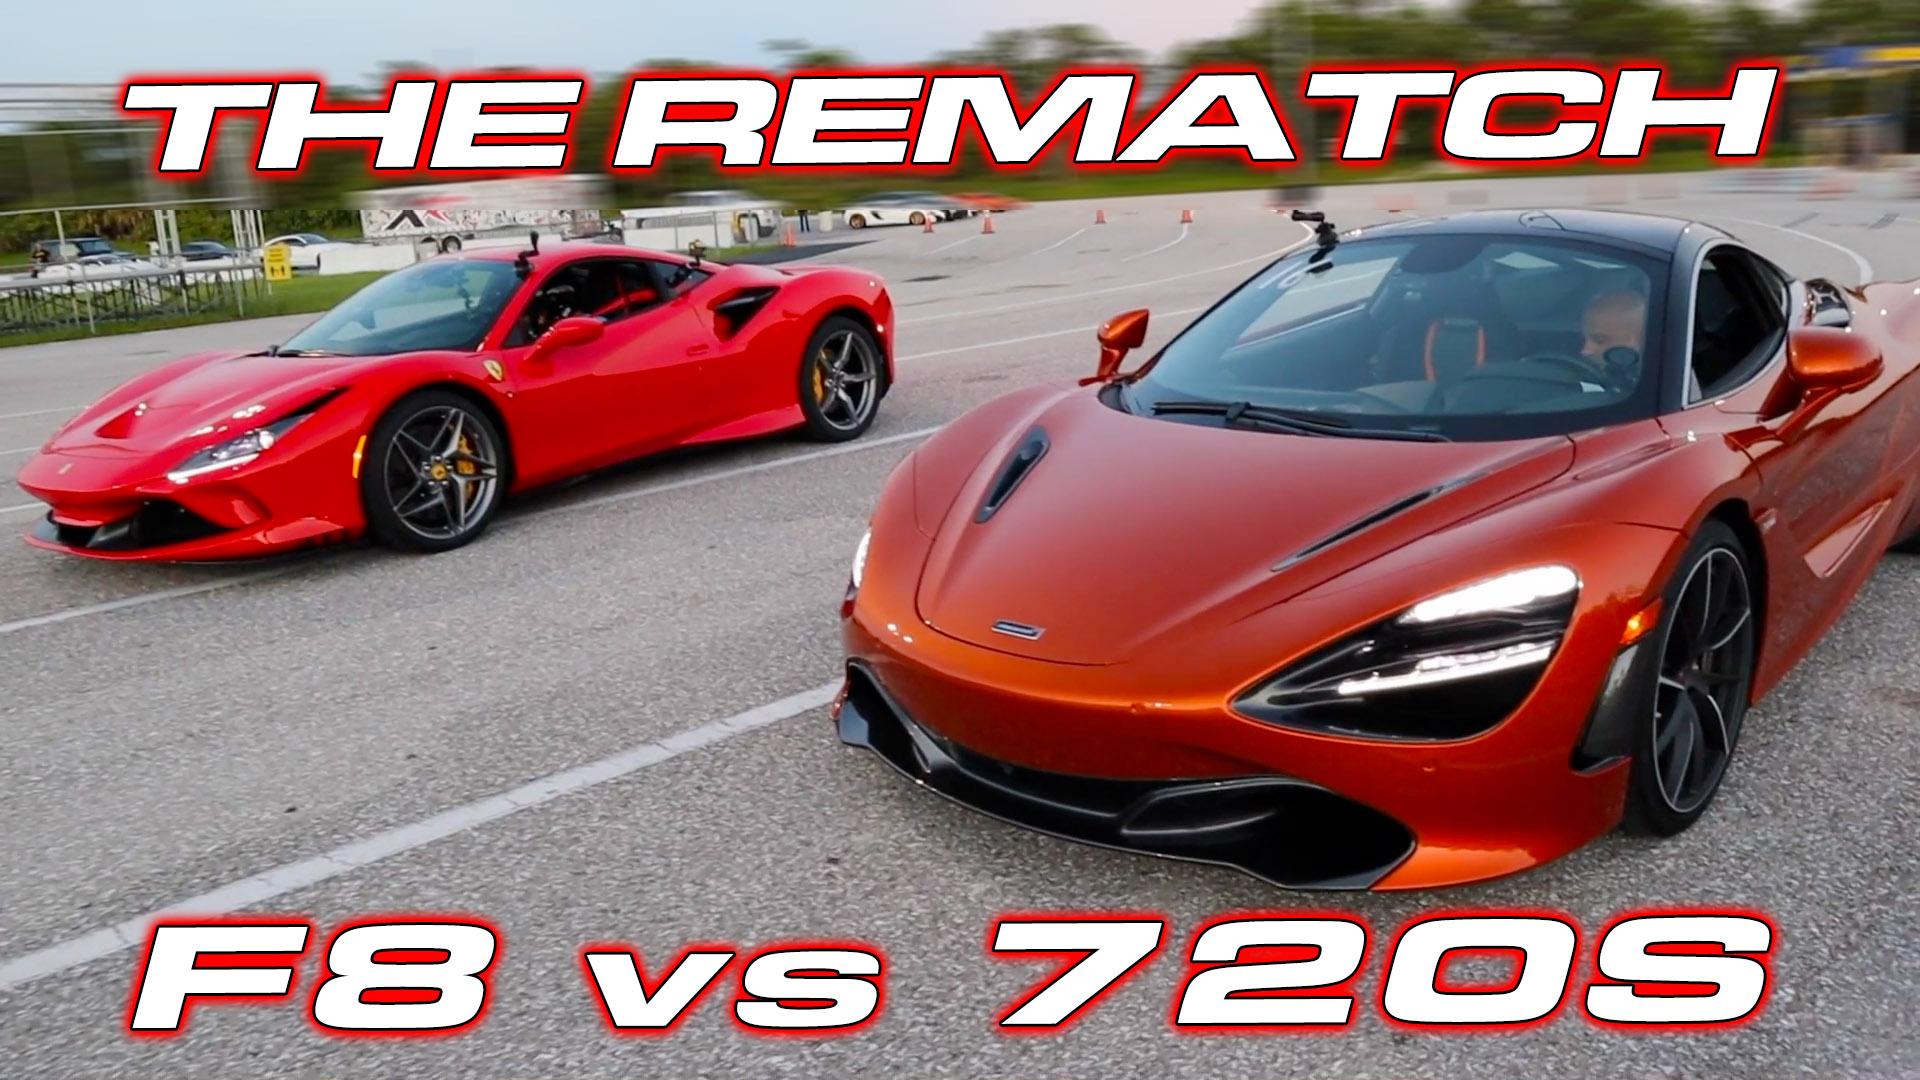 720S vs F8 Tributo